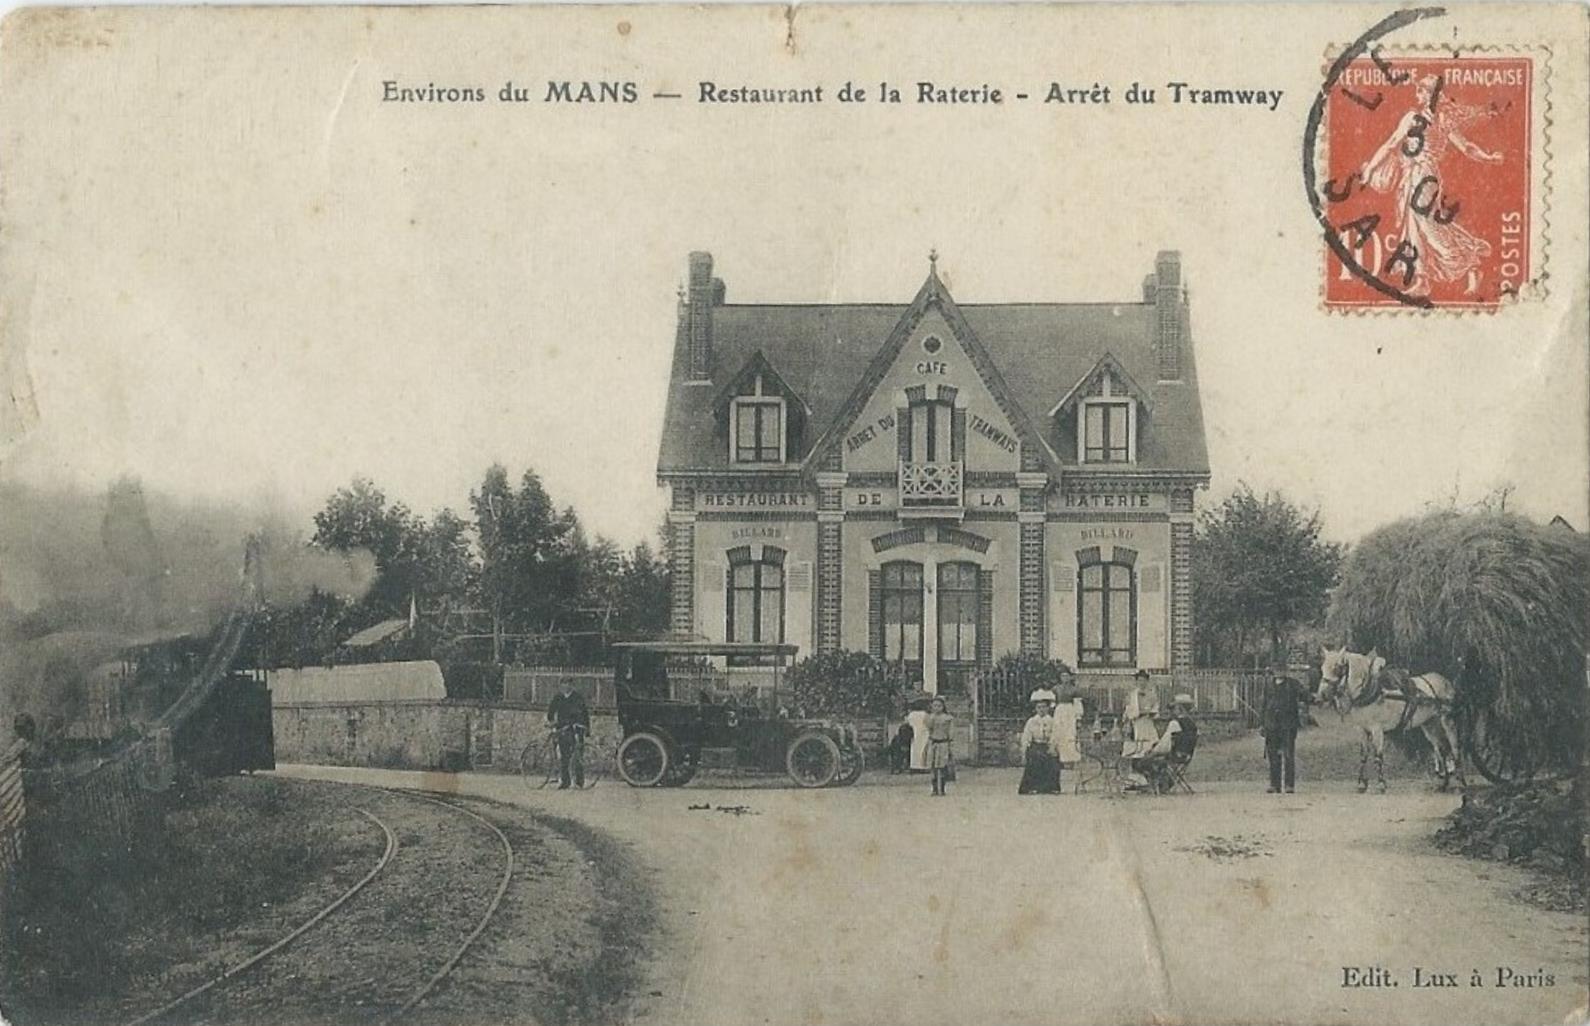 Allonnes - Restaurant de la Raterie - Arrêt du Tramway